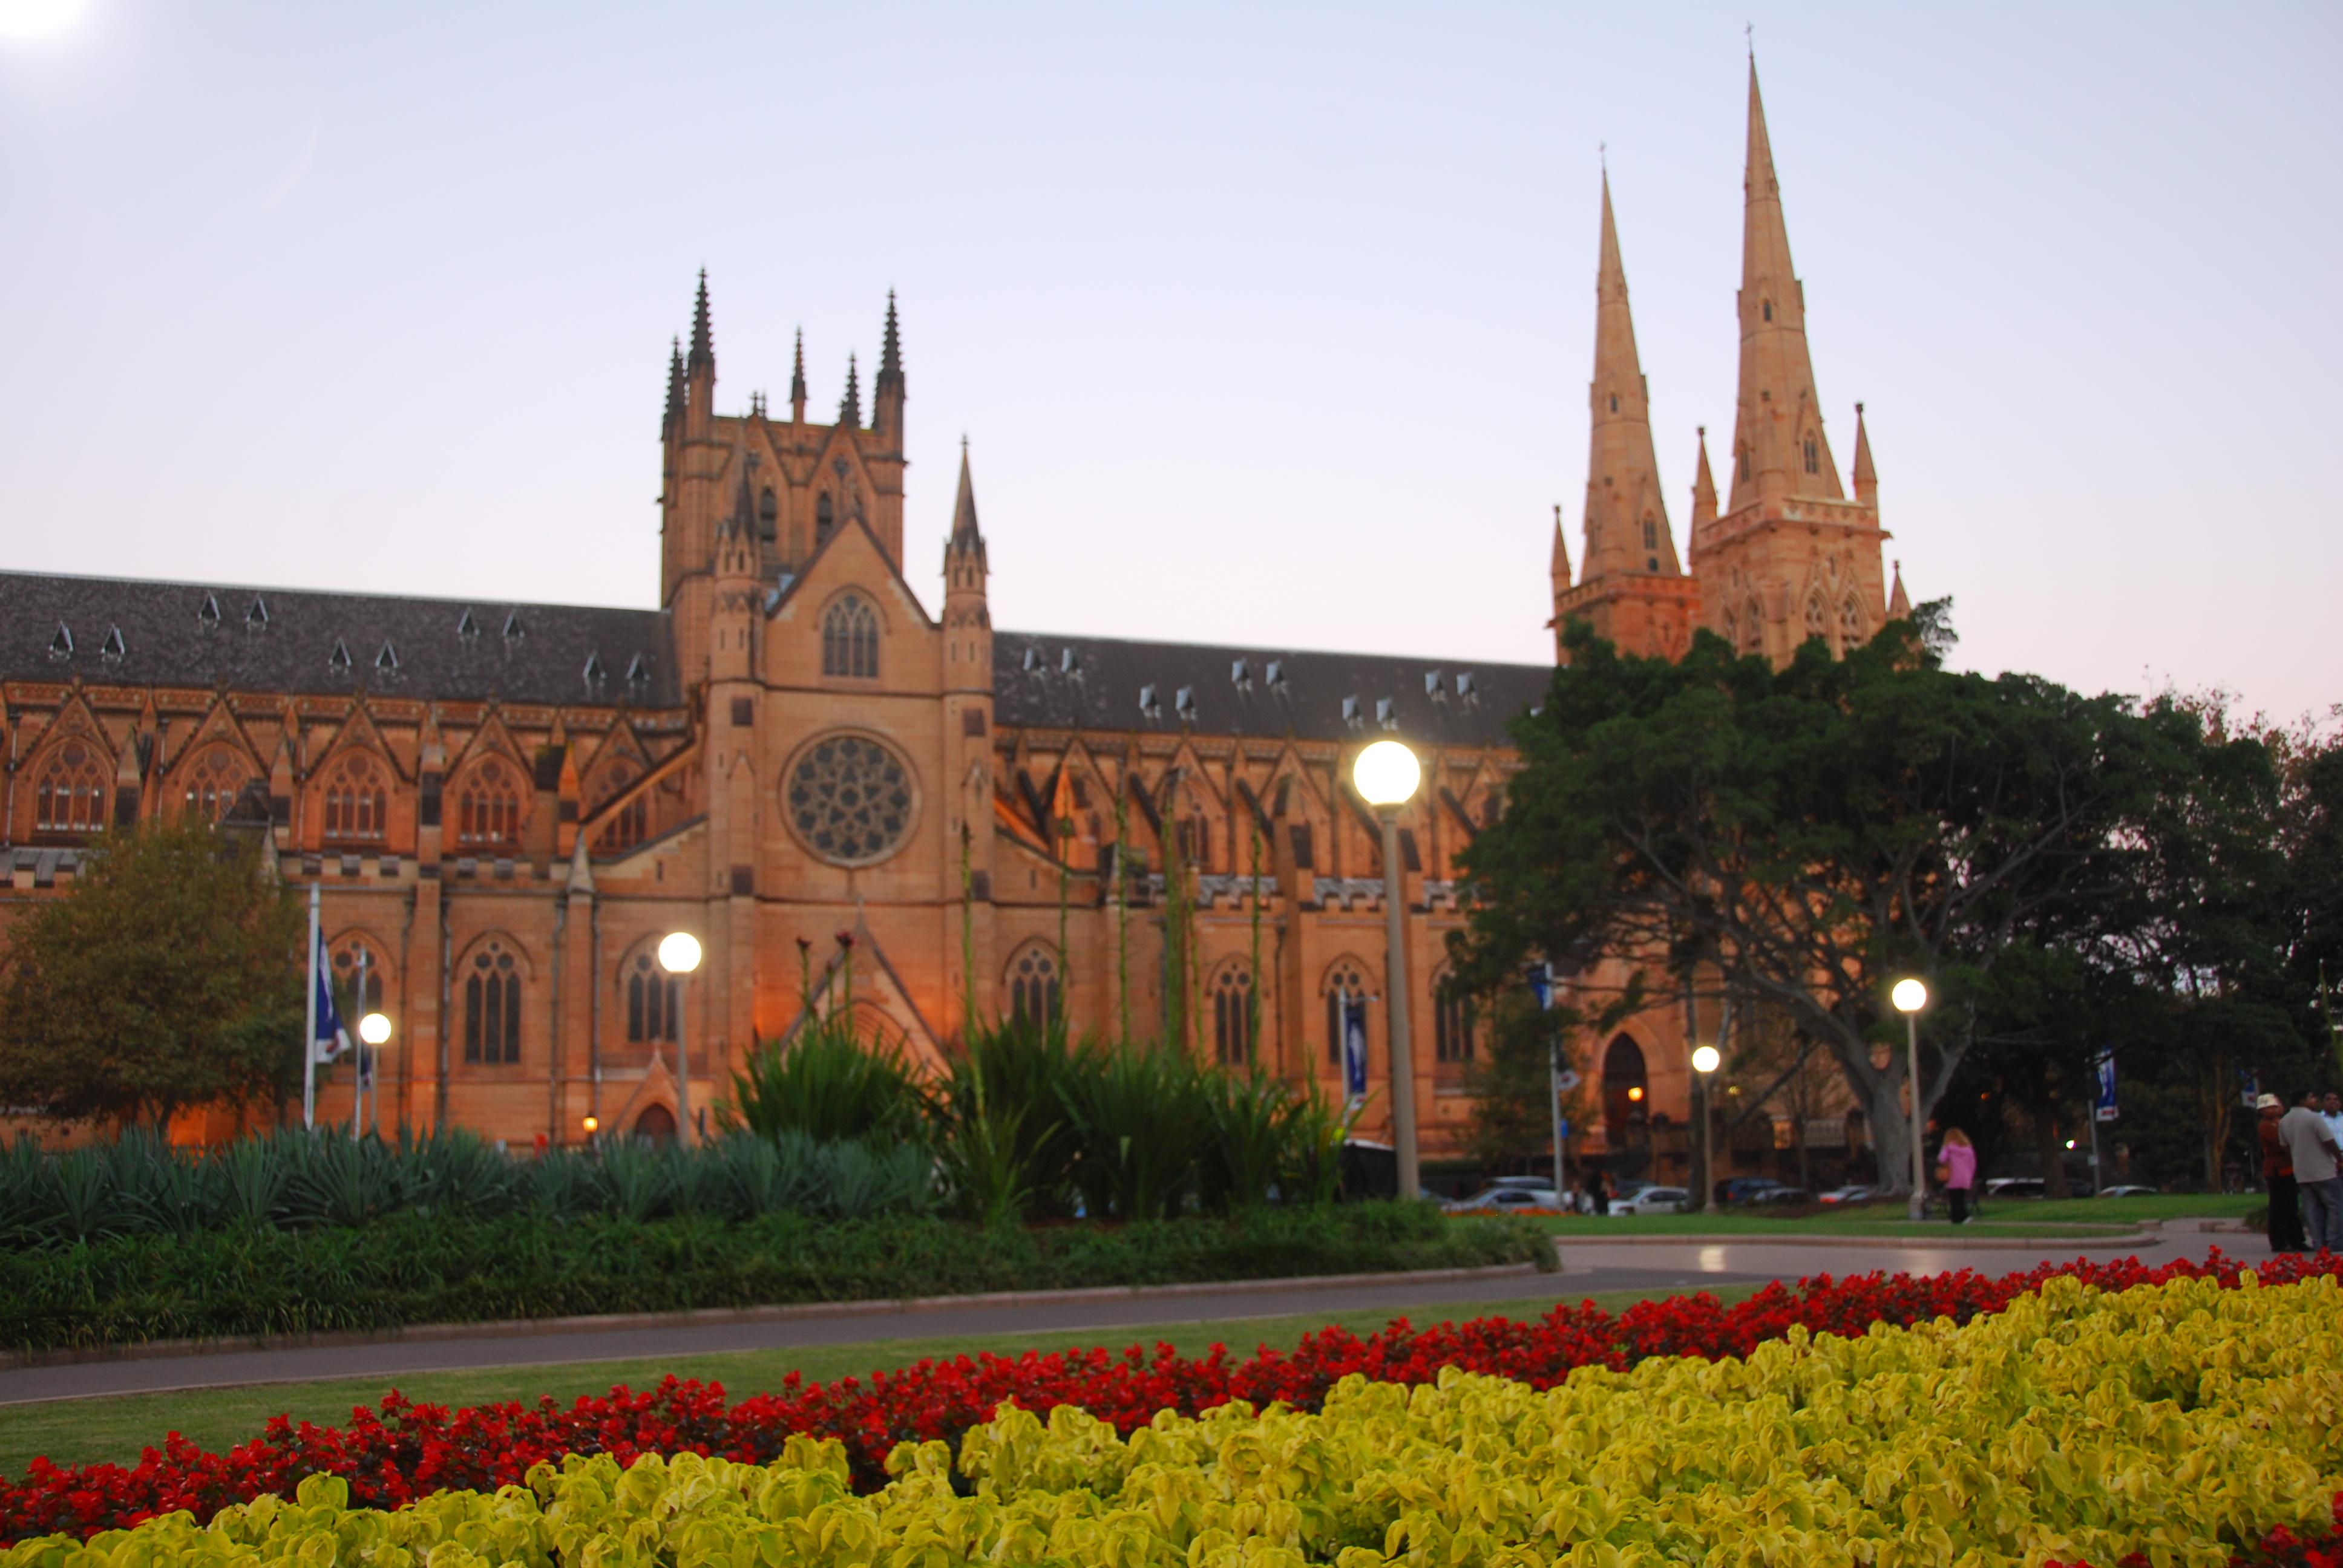 海德公园的一侧是圣玛丽亚大教堂。开放时间:周二周日 10:00-16:00。该教堂是澳大利亚规模最大、最古老的宗教建筑。教堂始建于1821年,天主教神父正式来到澳大利亚是在1820年,因此圣玛丽大教堂又被称为澳大利亚天主教堂之母(Mother Church of Australian Catholicism)。大教堂是由当地的砂岩建成,哥特式的建筑风格是欧洲中世纪大教堂的建筑遗风。公园的中心还有一个为了纪念第一次世界大战中法澳联盟而建的亚奇伯德喷泉Archibald Fountain,喷泉中央是太阳神